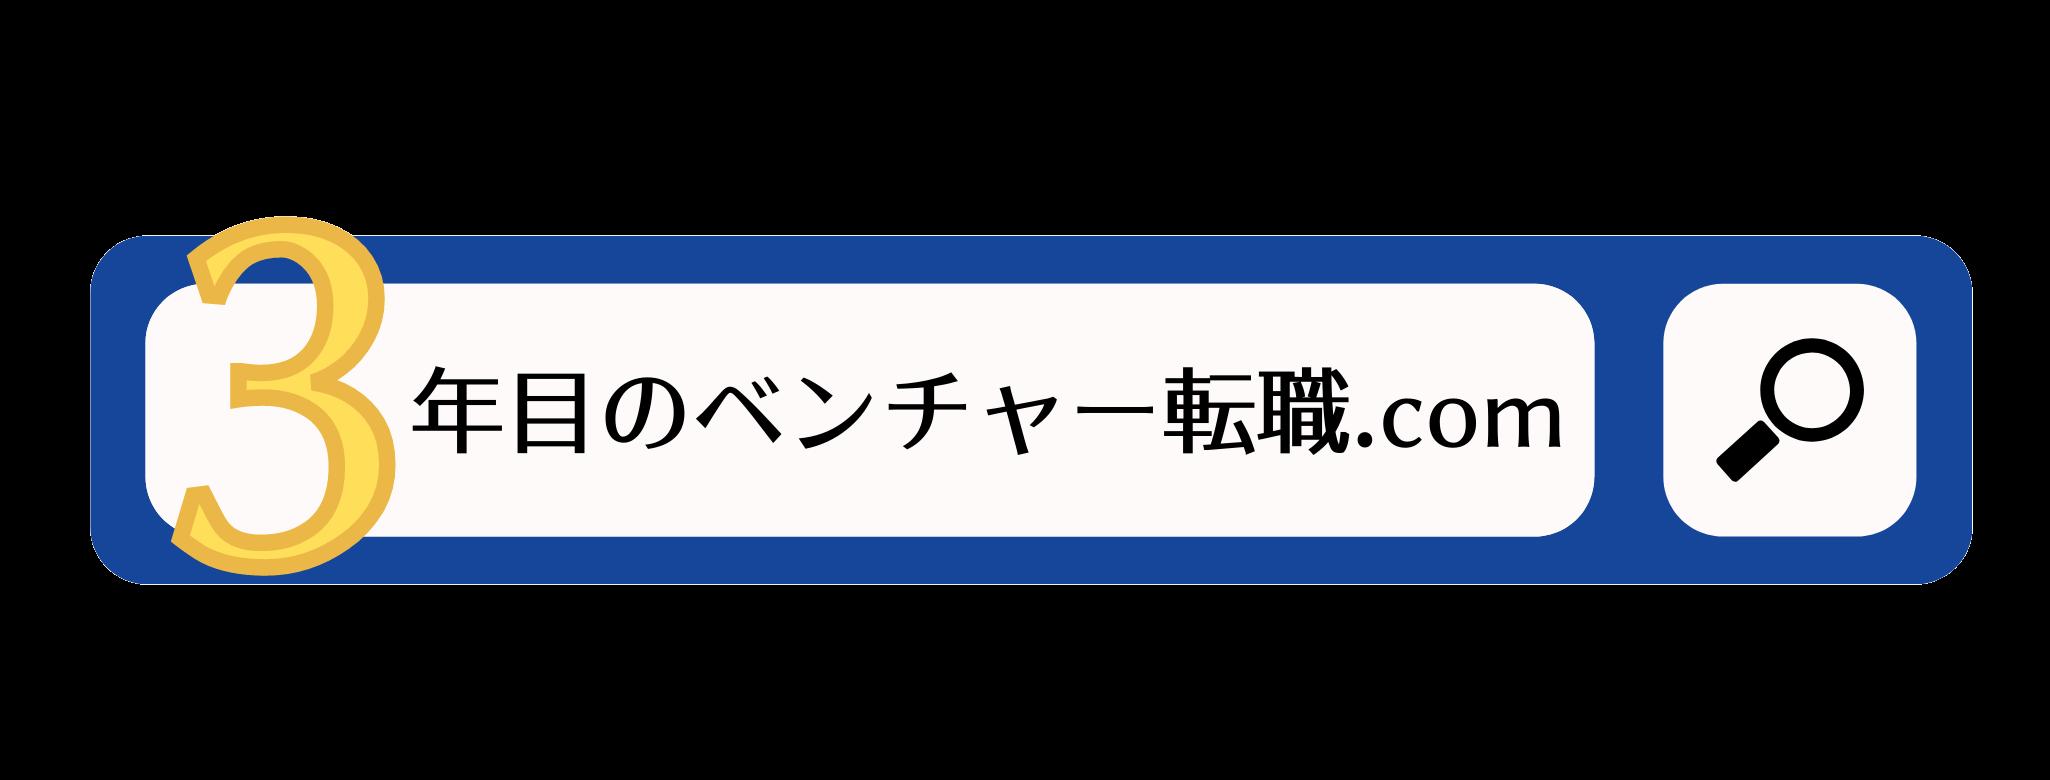 3年目のベンチャー転職.com